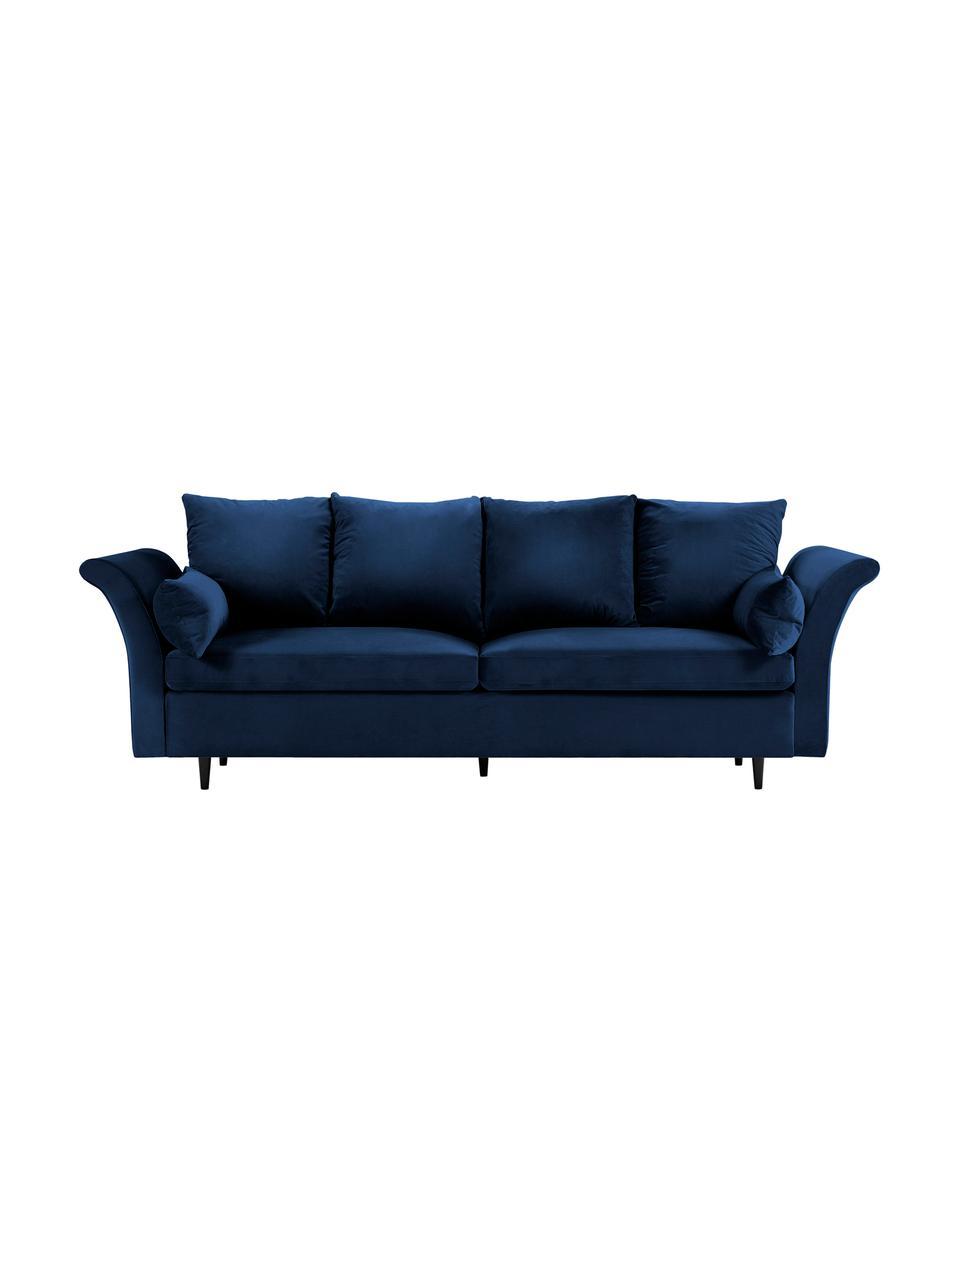 Sofa z aksamitu z funkcją spania i miejscem do przechowywania Lola (3-osobowa), Tapicerka: aksamit poliestrowy Dzięk, Nogi: drewno sosnowe, lakierowa, Ciemny niebieski, S 245 x G 95 cm